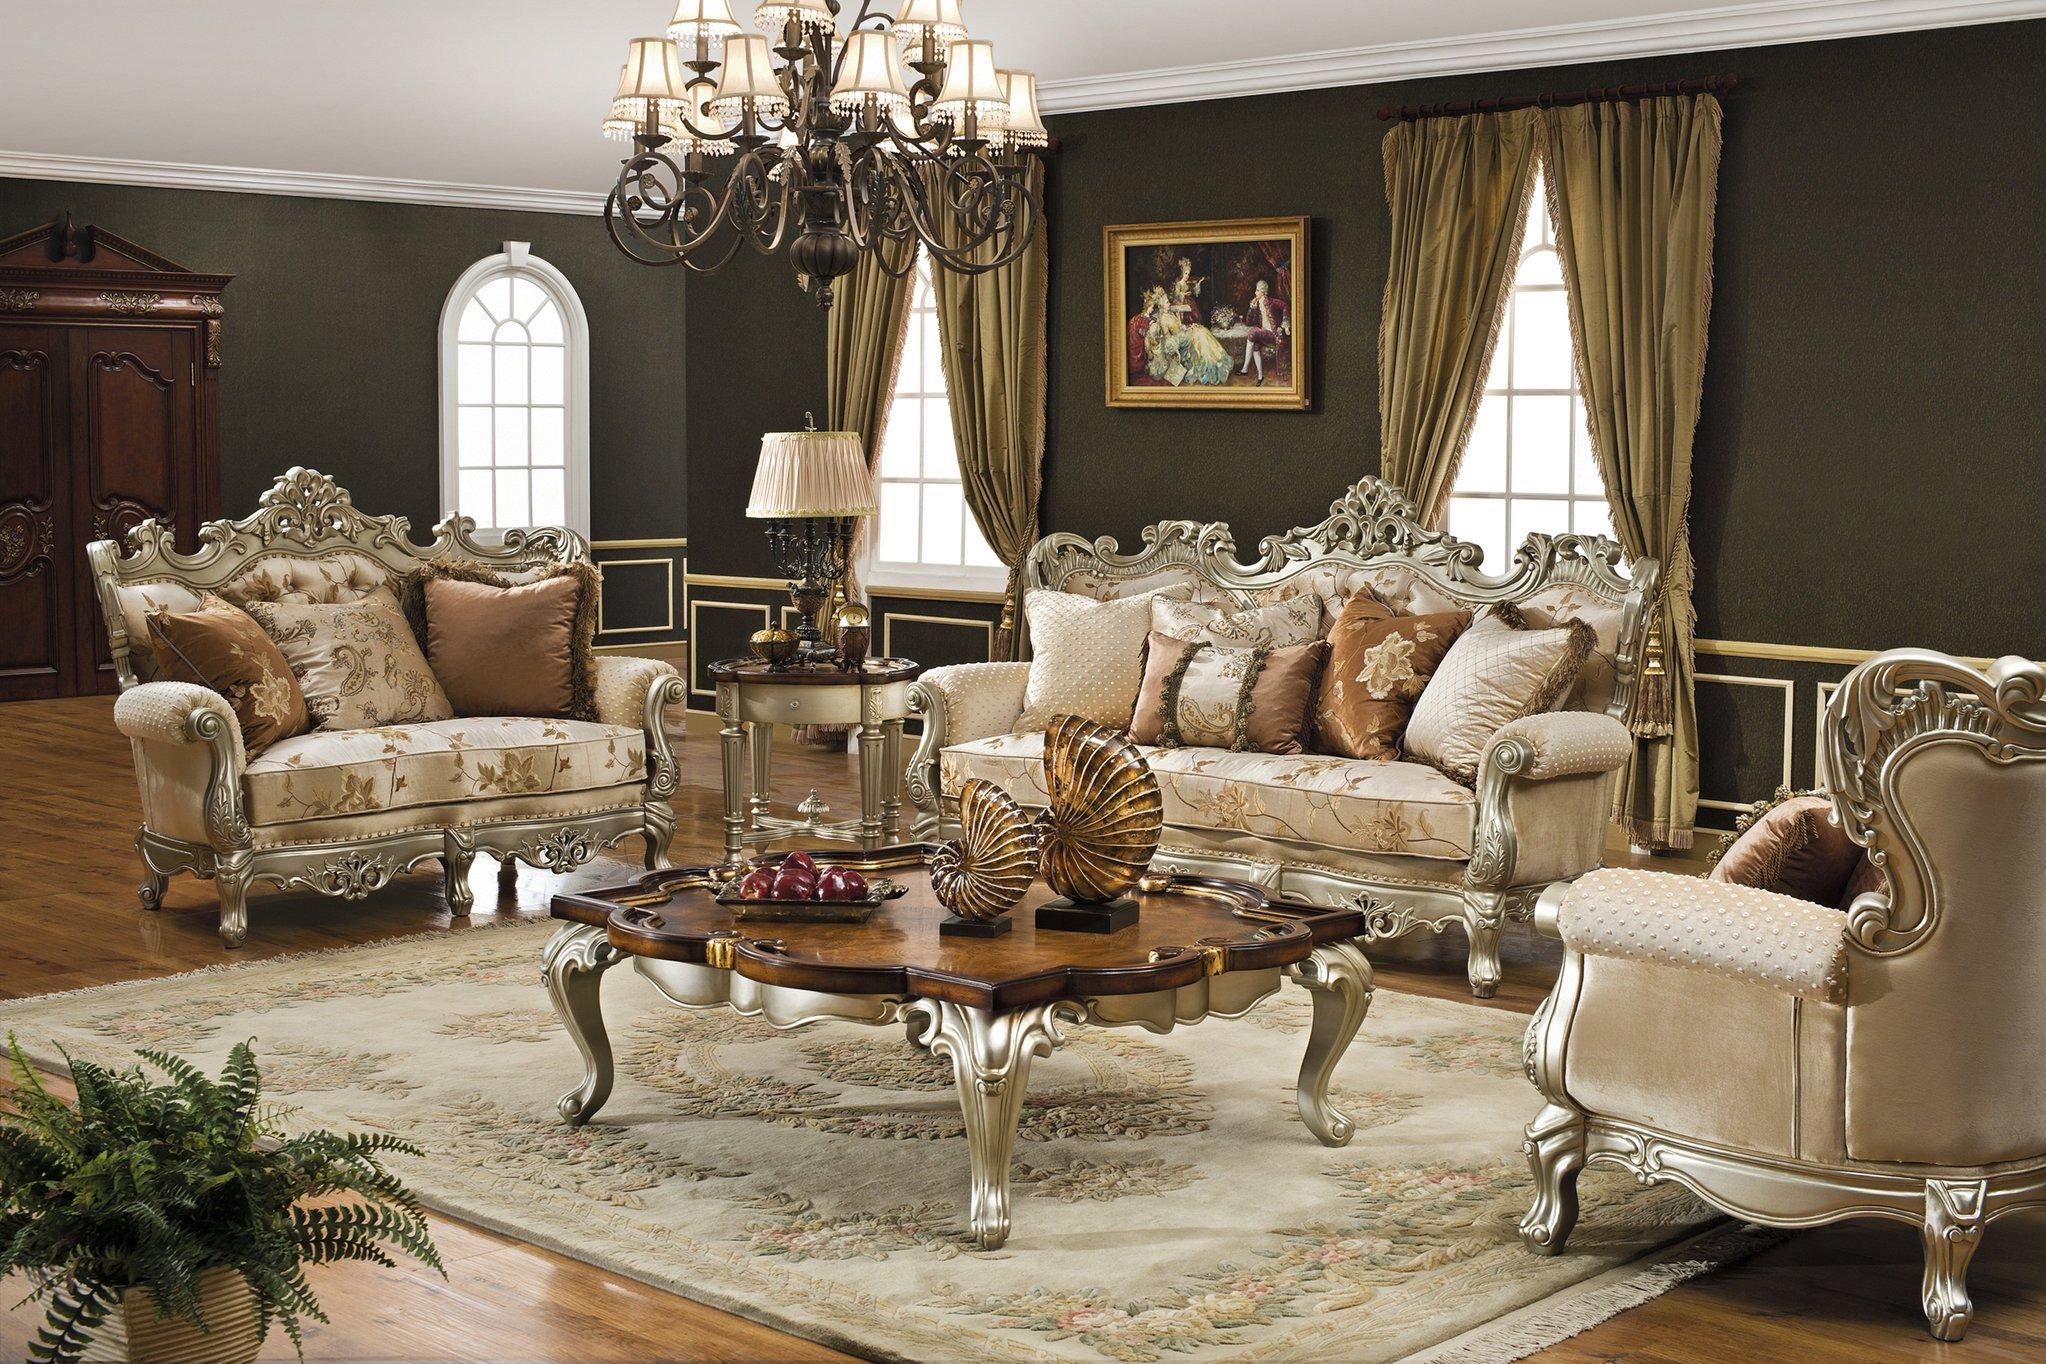 Glamorous and elegant living room